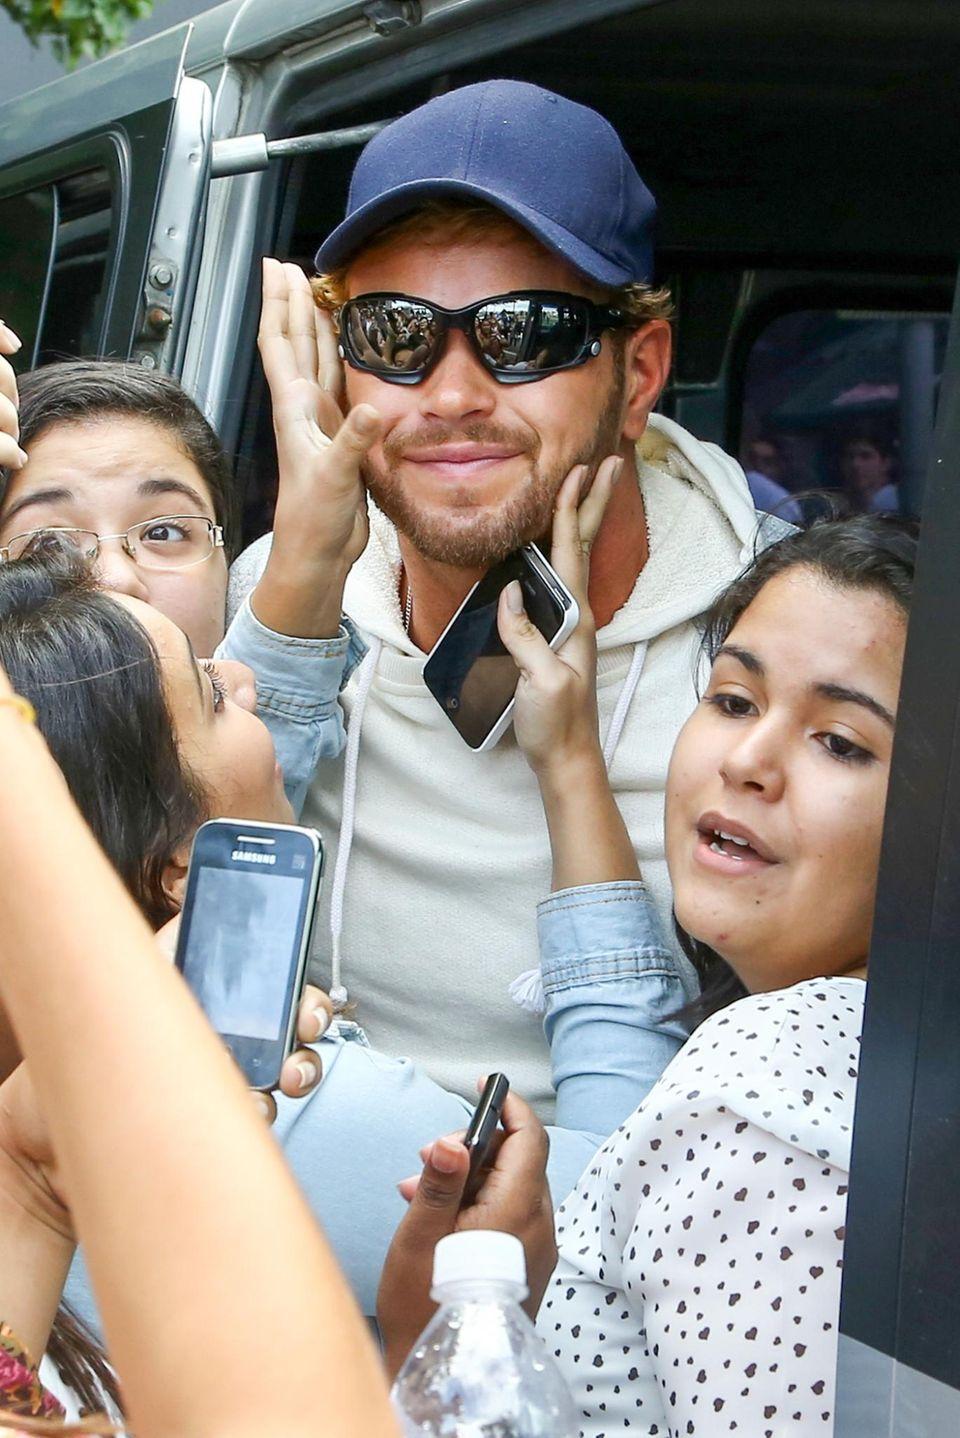 12. Juli 2014: Kellan Lutz ist zum WM-FInale nach Rio de Janeiro gereist. Vor seinem Hotel wird er von Fans belagert.